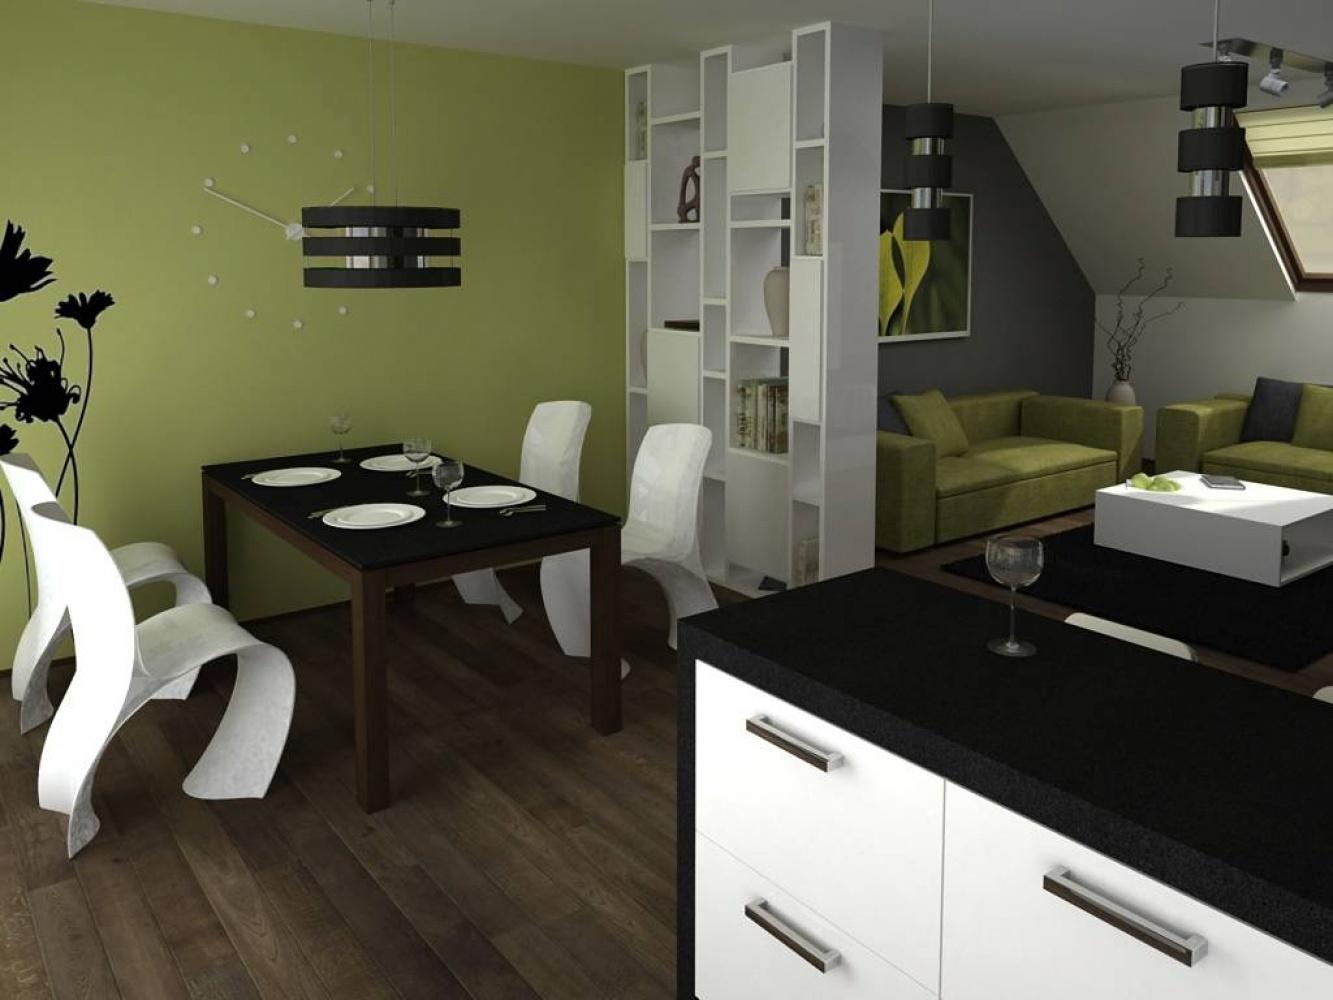 Půdní byt 3+kk, plocha 119 m², ulice Šmilovského, Praha 2 - Vinohrady | 2